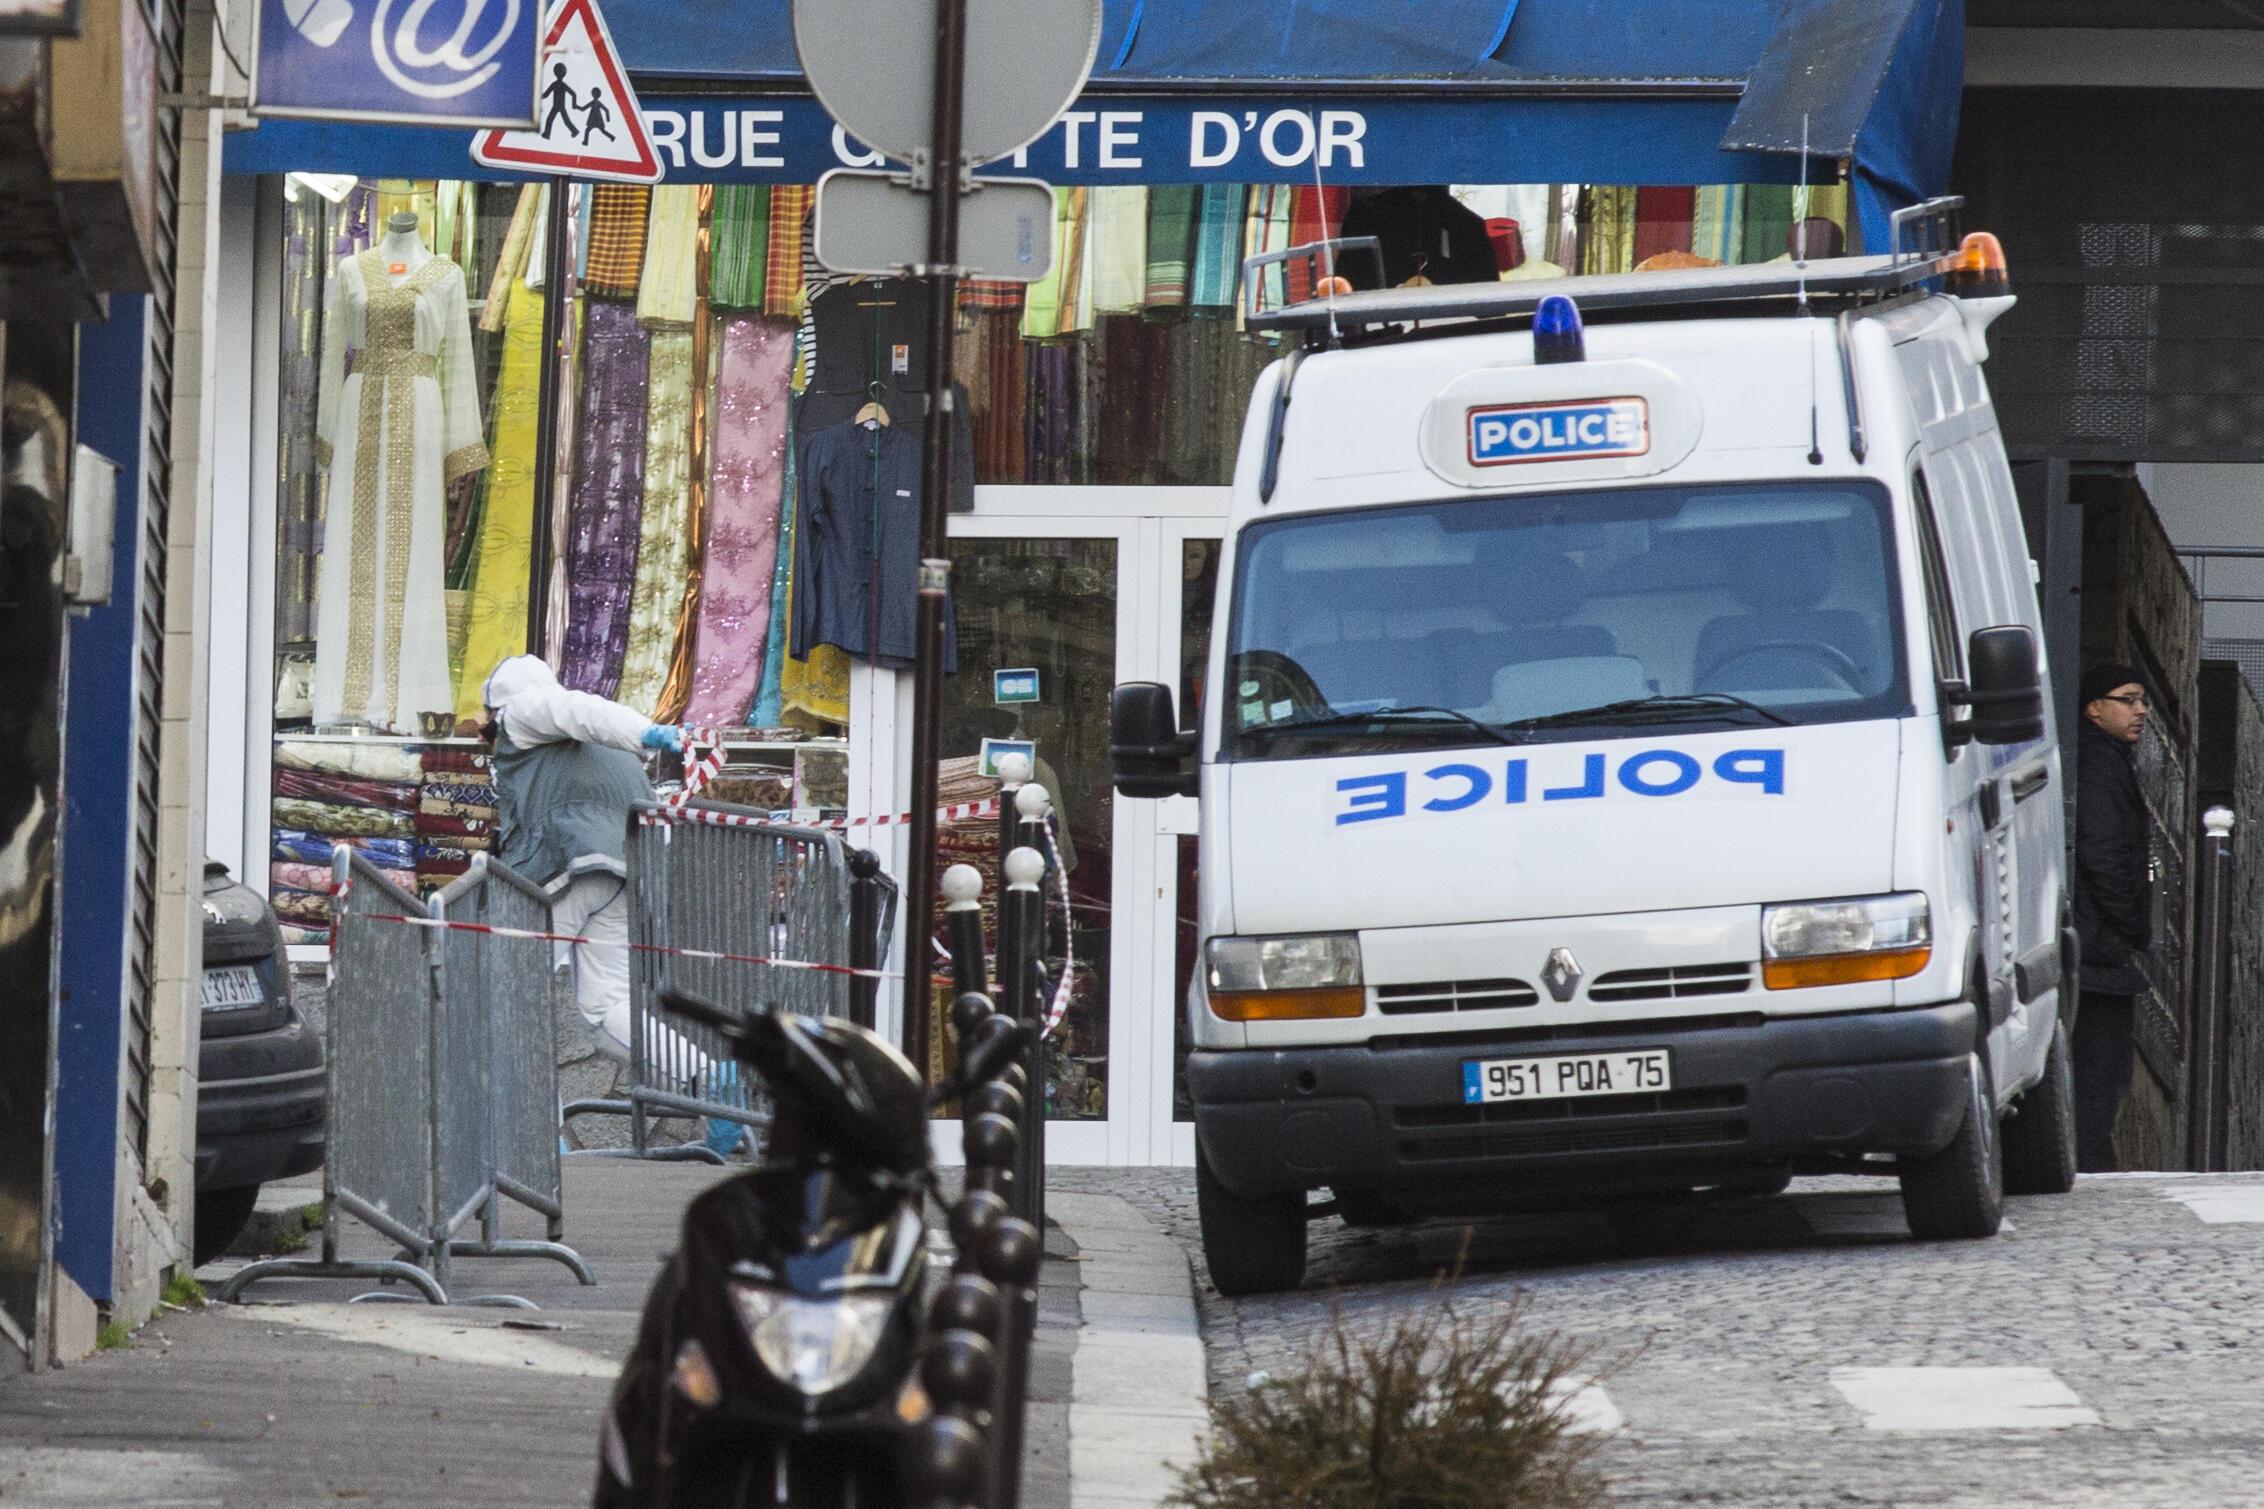 В парижском «неблагополучном квартале» Goutte d'Or в последние месяцы ситуация с безопасностью только ухудшилась, говорят местные жители